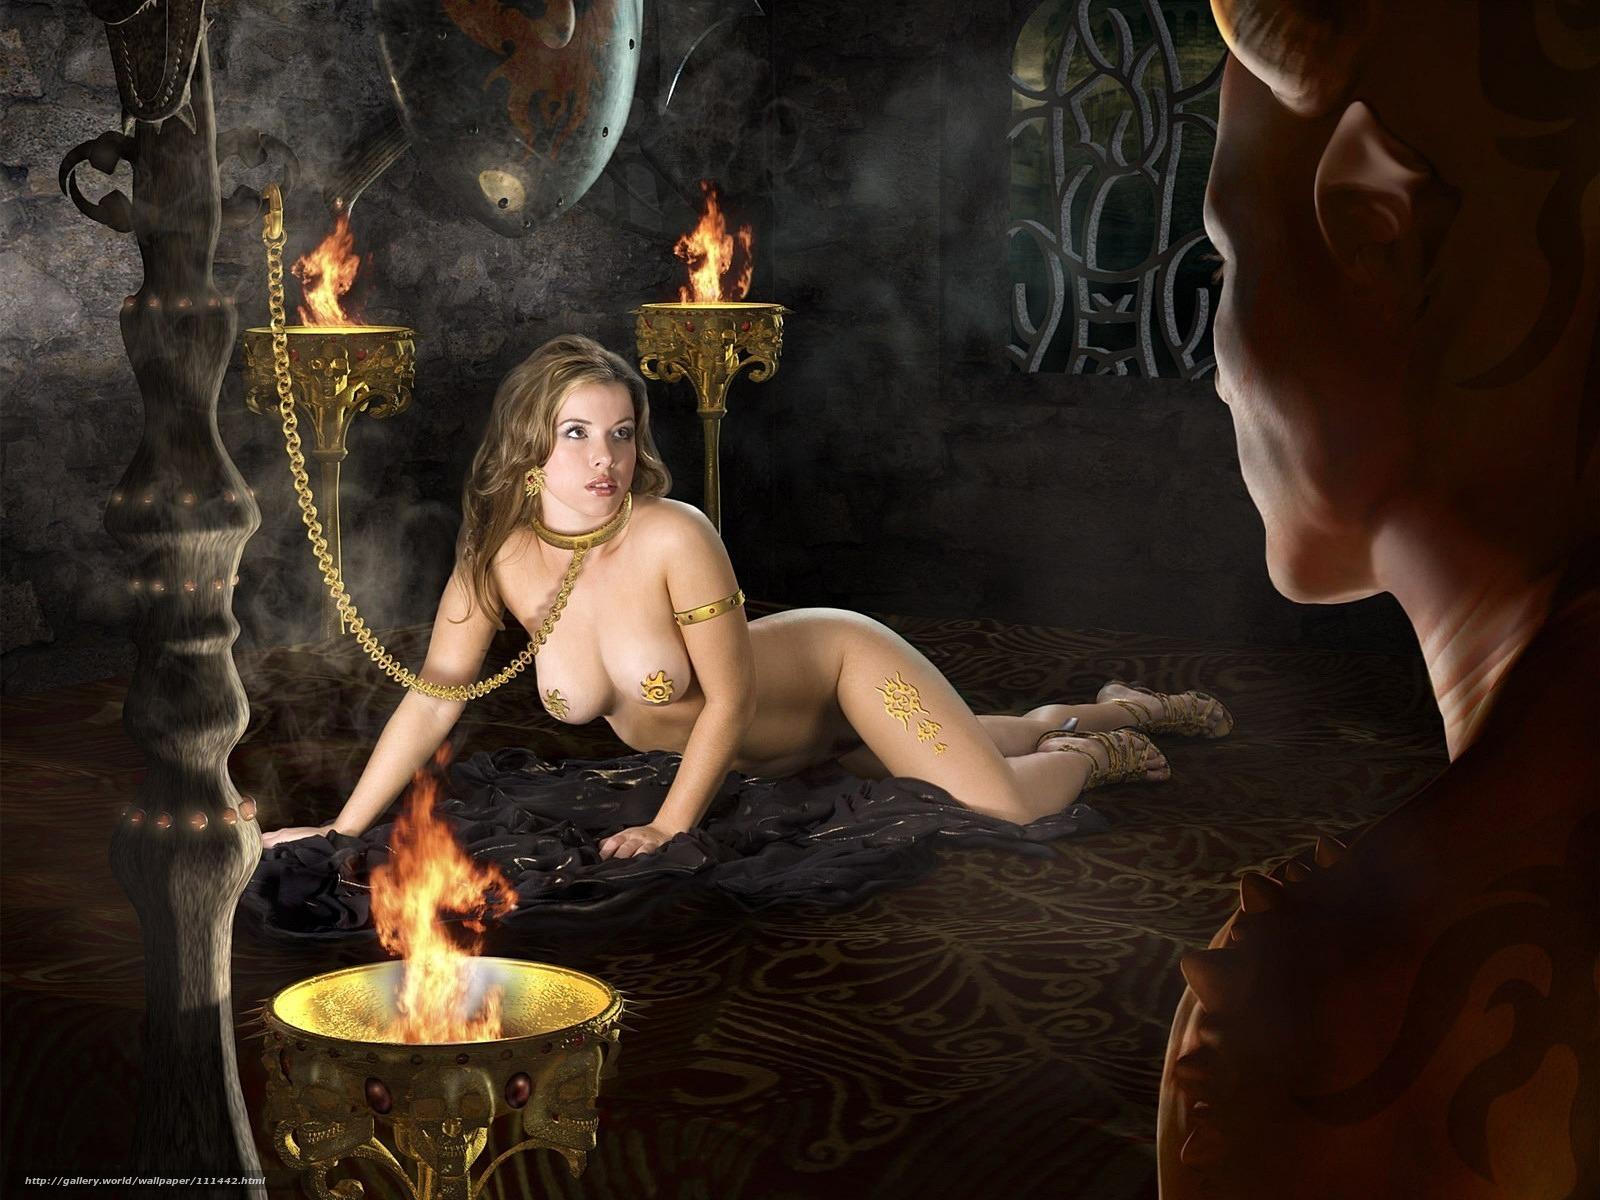 seksualnie-fantazii-zhenshin